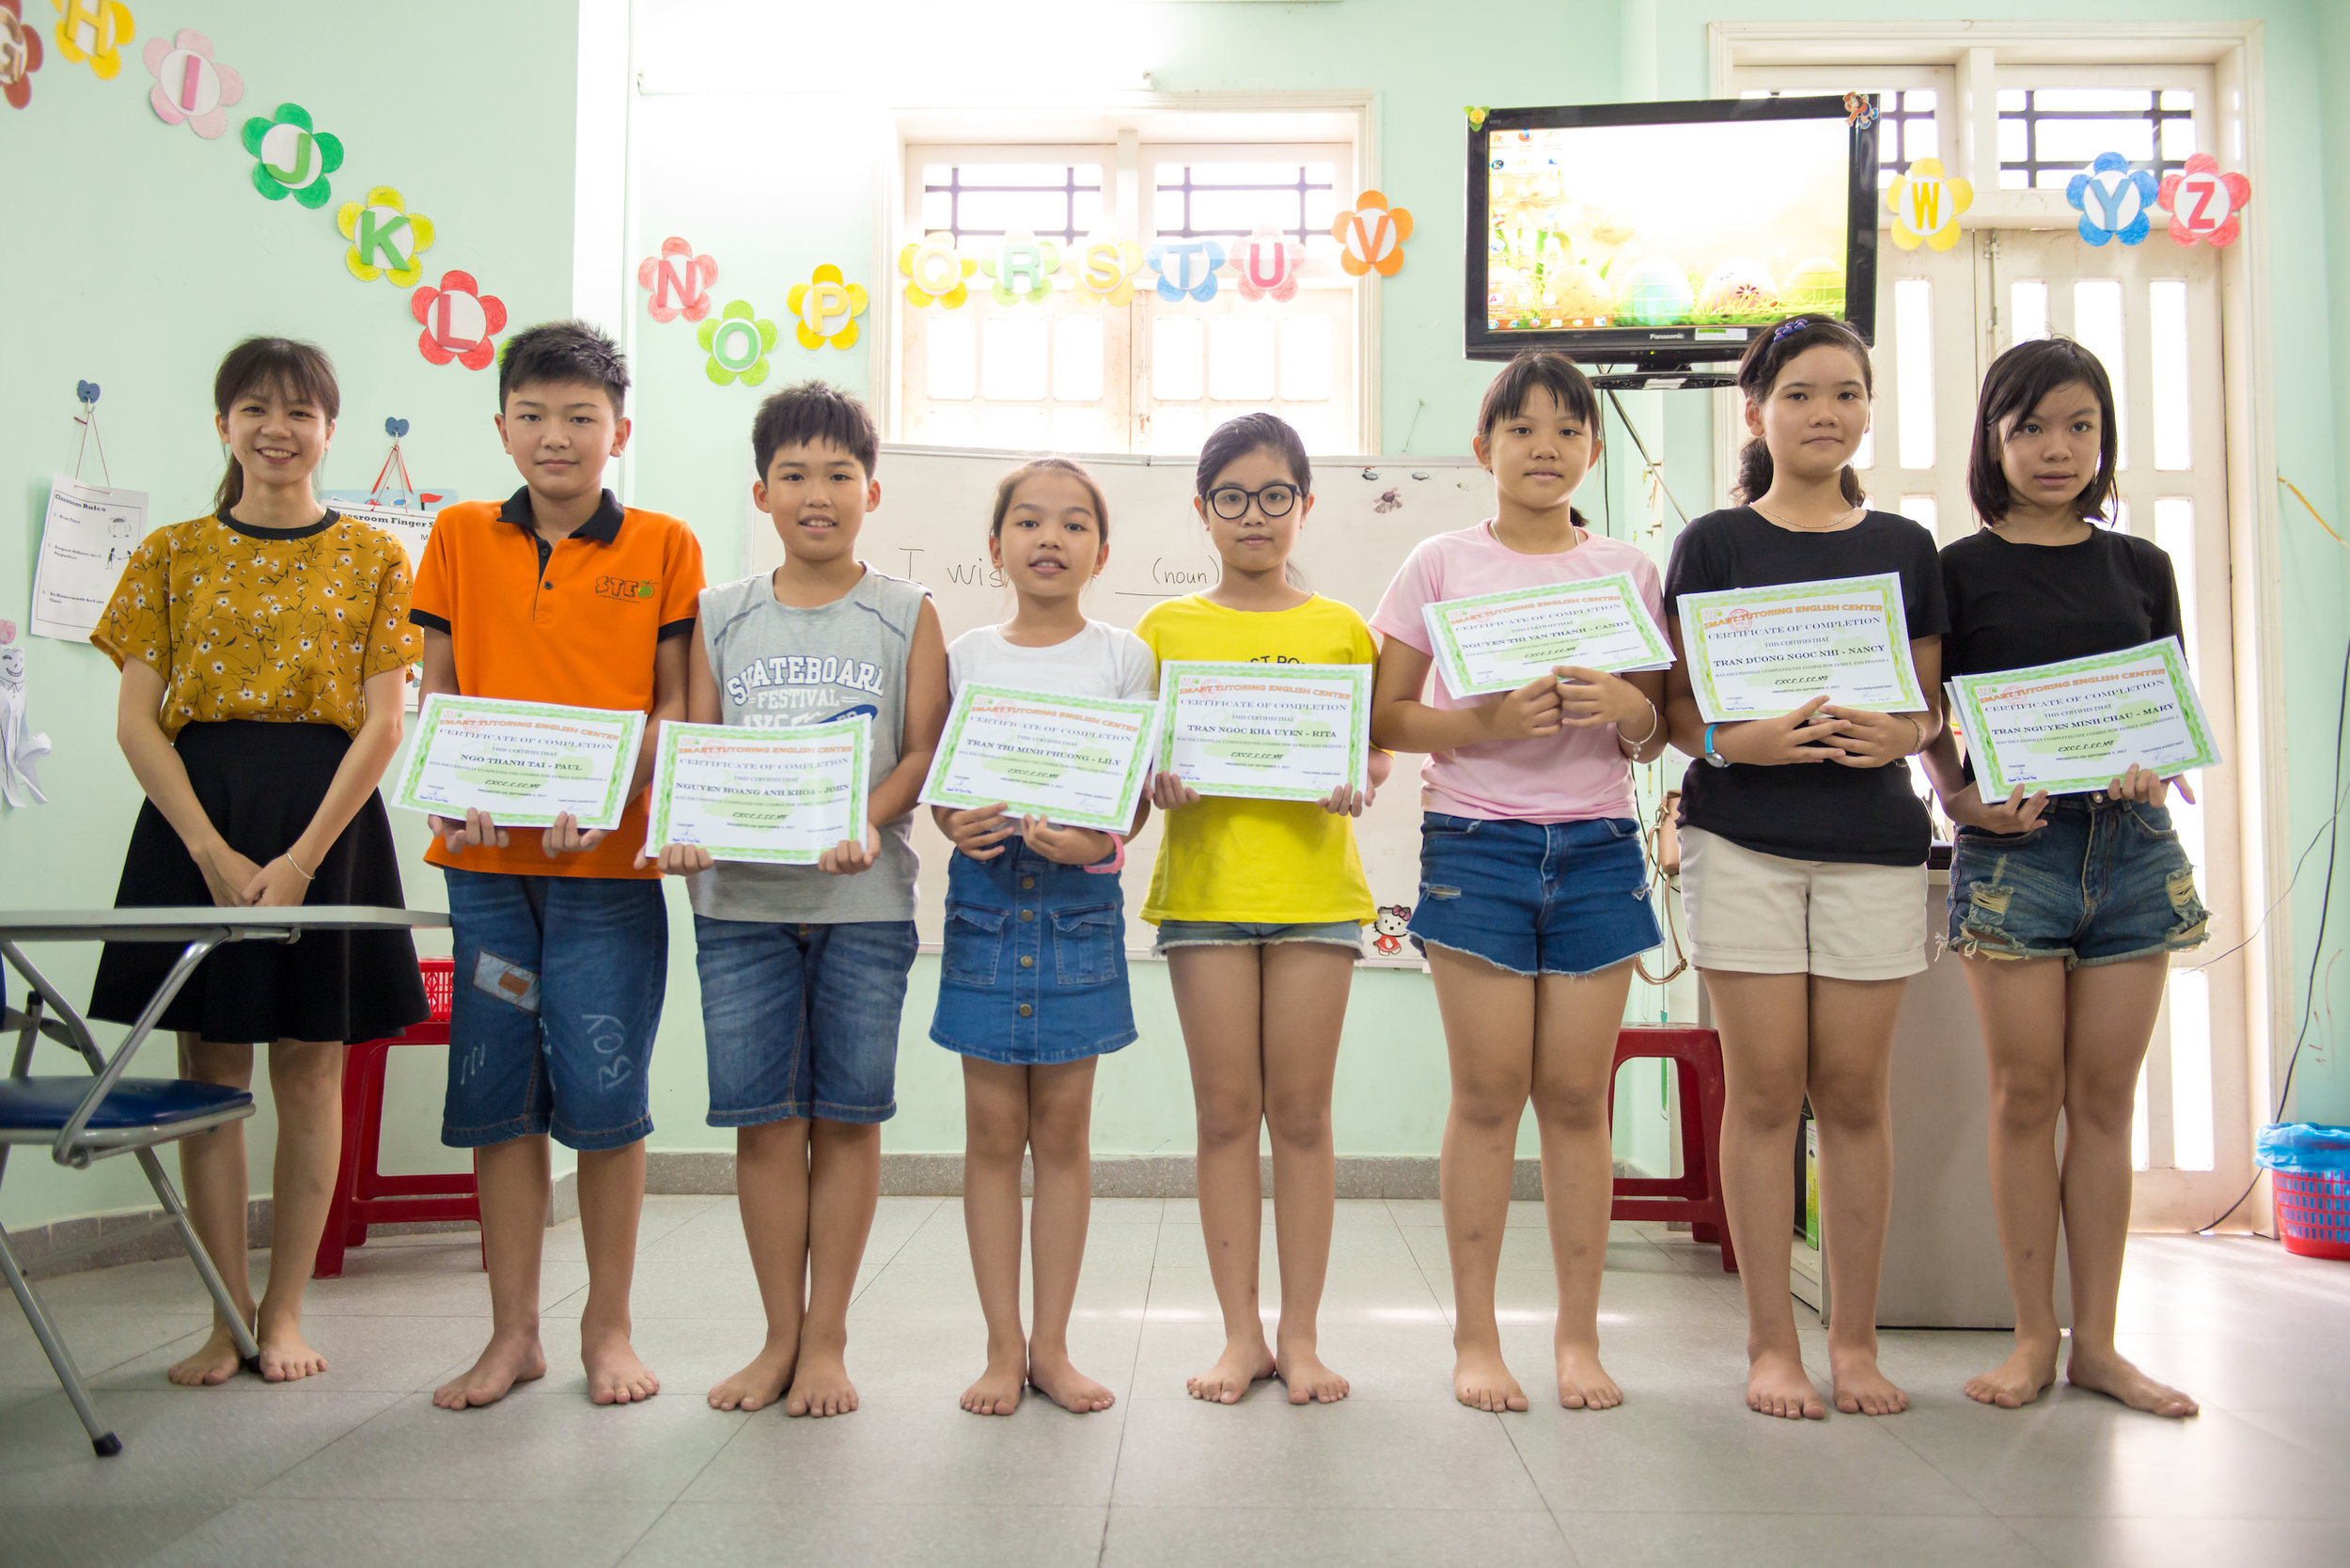 Các em học sinh nhận bằng khen ghi nhận những nỗ lực của các em trong việc học tập tại STEC